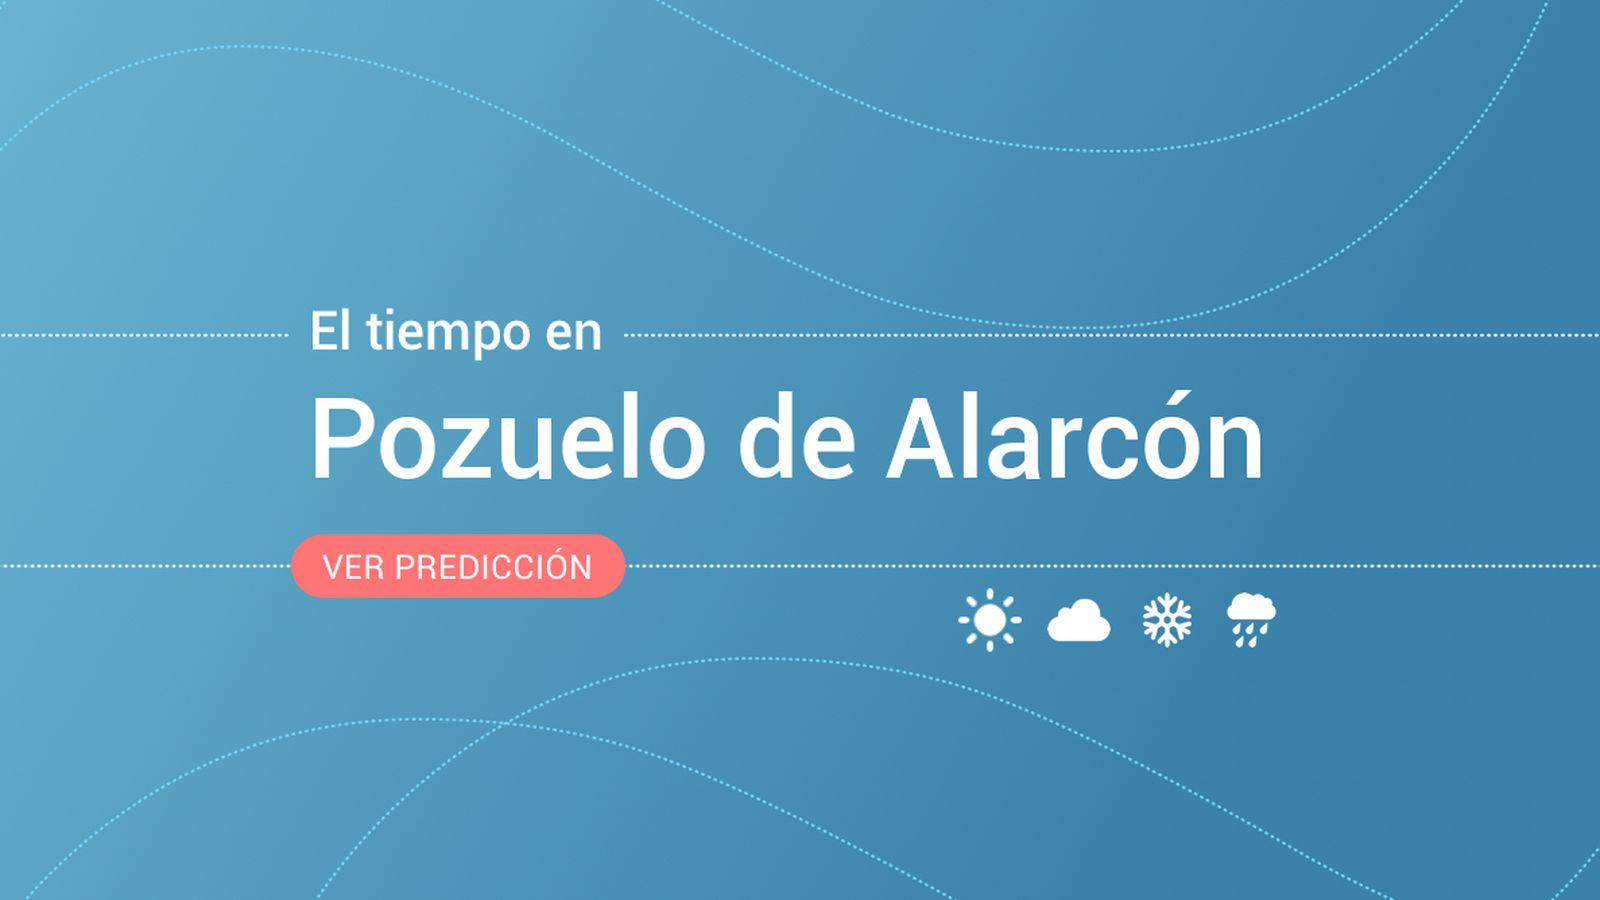 Foto: El tiempo en Pozuelo de Alarcón. (EC)